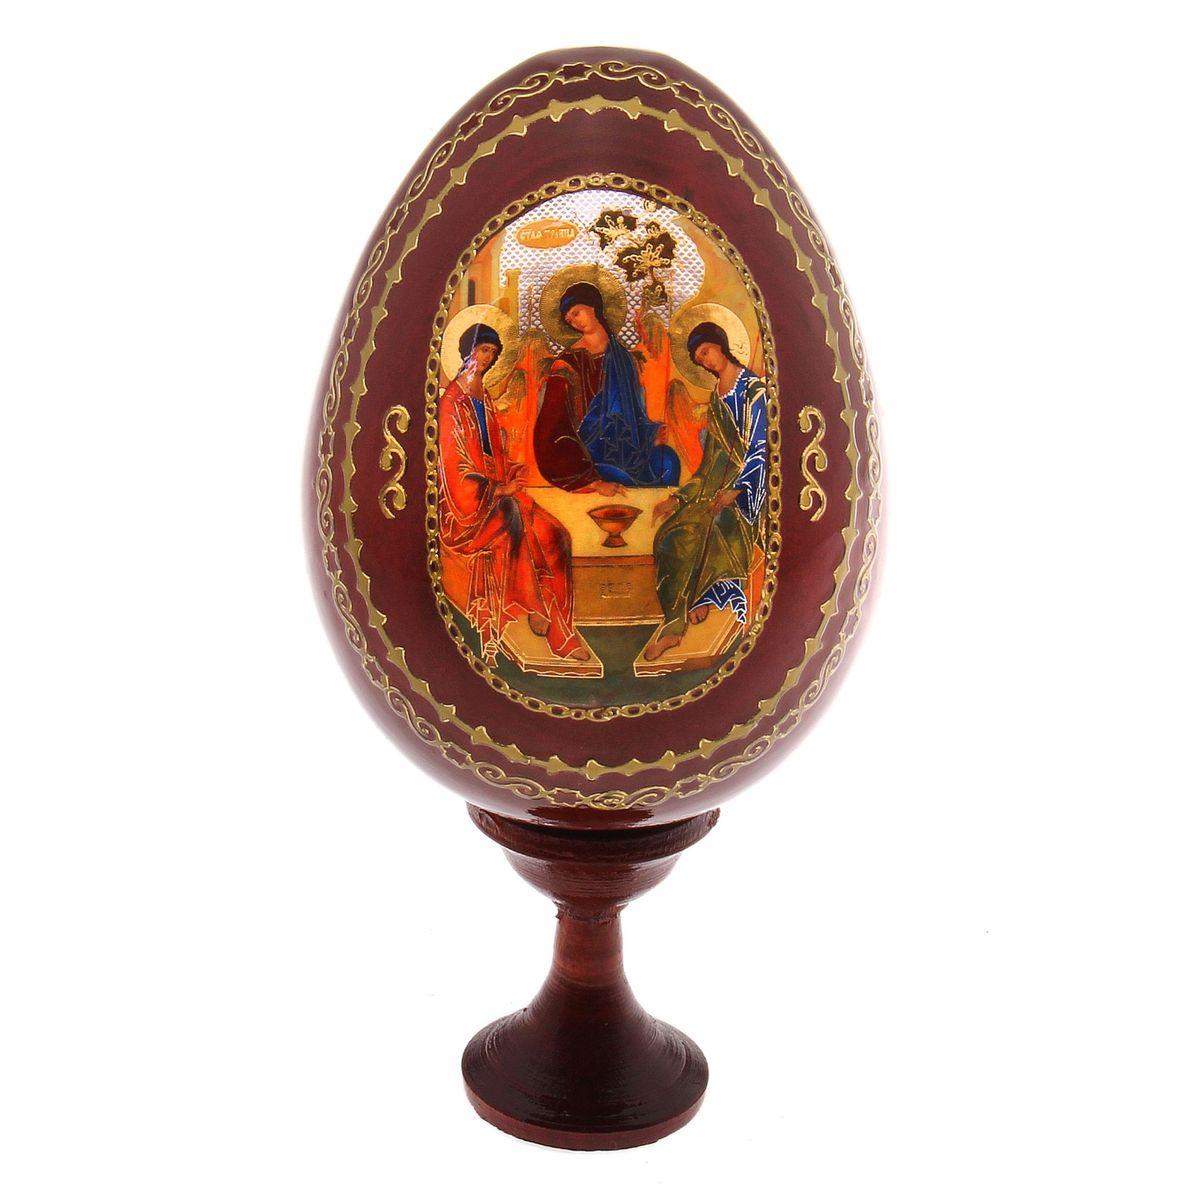 Яйцо декоративное Sima-land Троица, на подставке, высота 14,5 смUP210DFДекоративное яйцо Sima-land Троица изготовлено из дерева с лаковым покрытием. Яйцо оформлено изображением Святой Троицы и золотыми узорами. Изделие располагается на деревянной подставке. Декоративное яйцо Sima-land Троица принесет в ваш дом ощущение торжества, душевного уюта и станет идеальным подарком на Пасху. Диаметр яйца: 7,5 см. Высота яйца: 10,5 см. Размер подставки: 3,2 см х 3,2 см х 4 см.